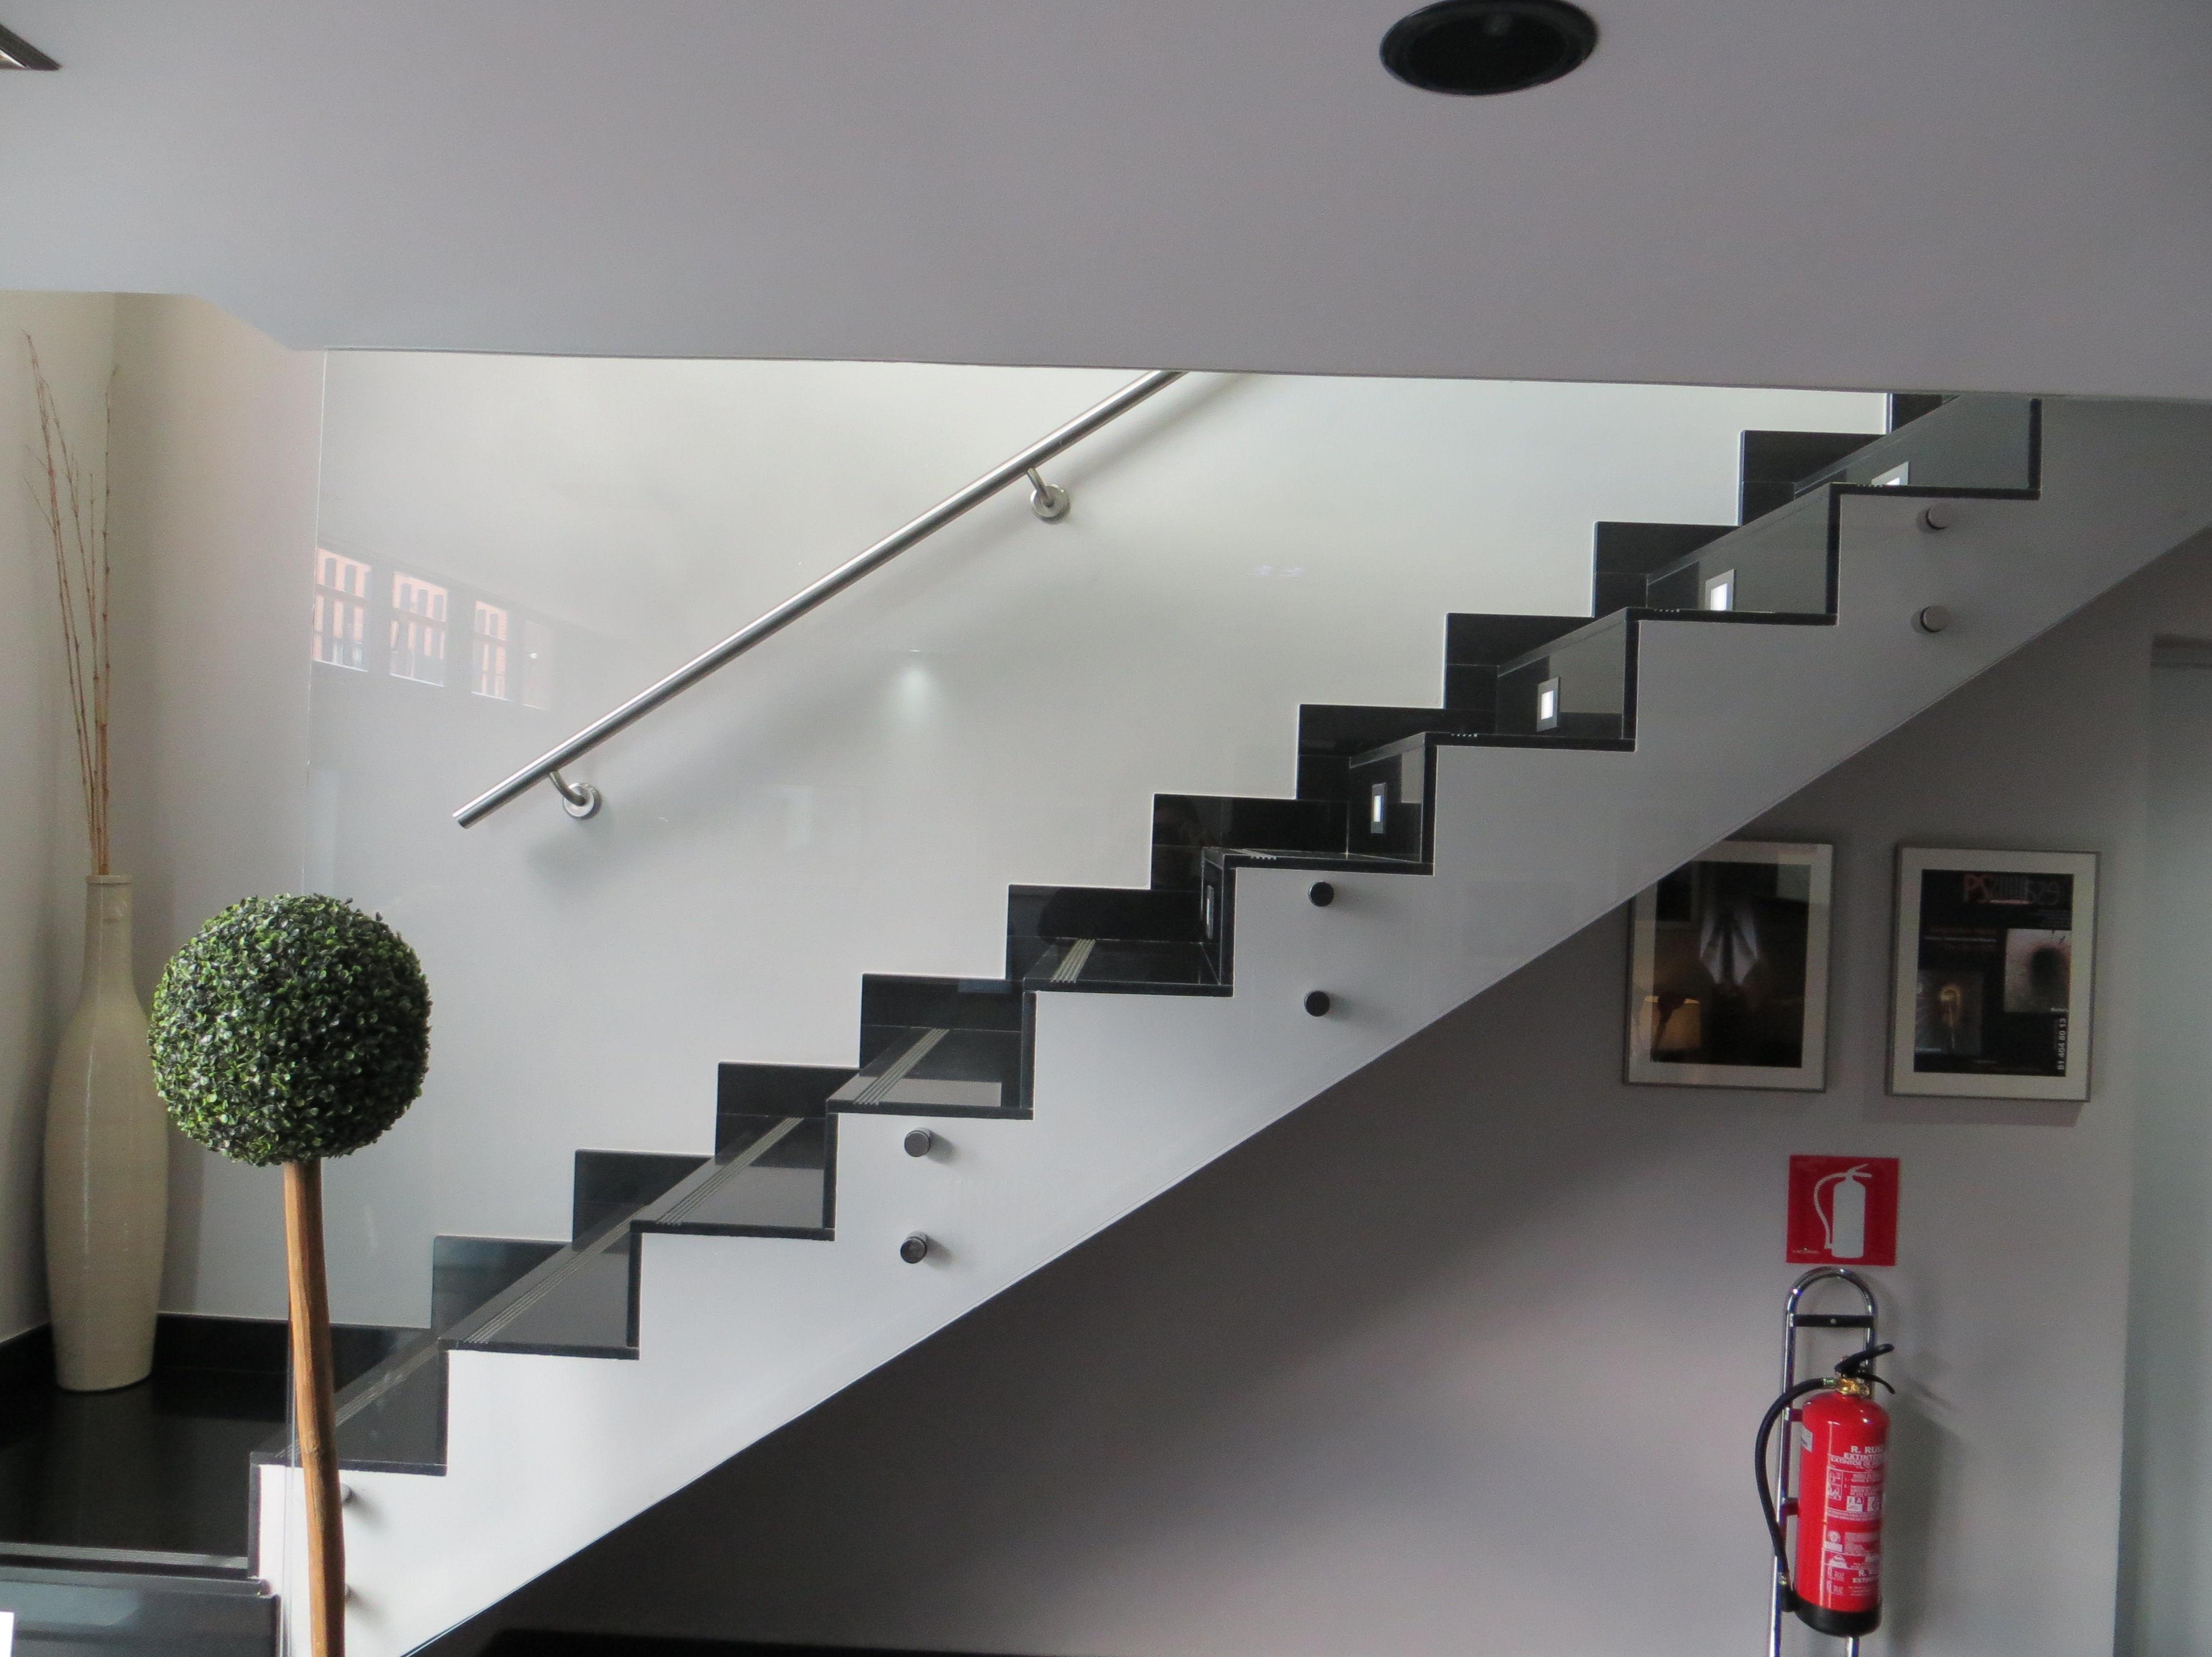 Fantstico Escalera Cristal Ilustracin Ideas de Decoracin de